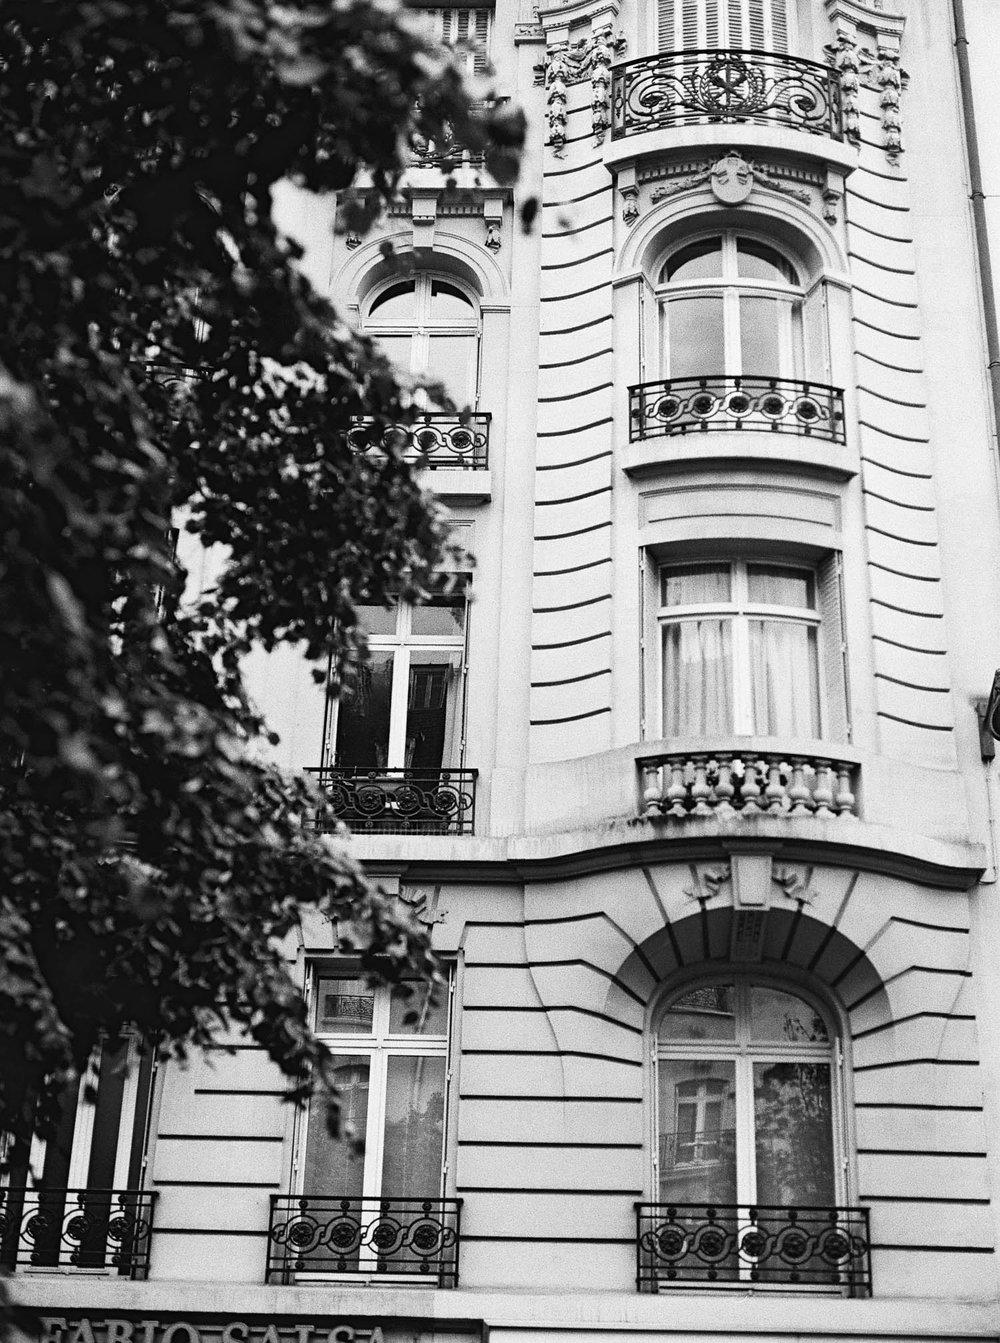 Parisfilm_0012.jpg